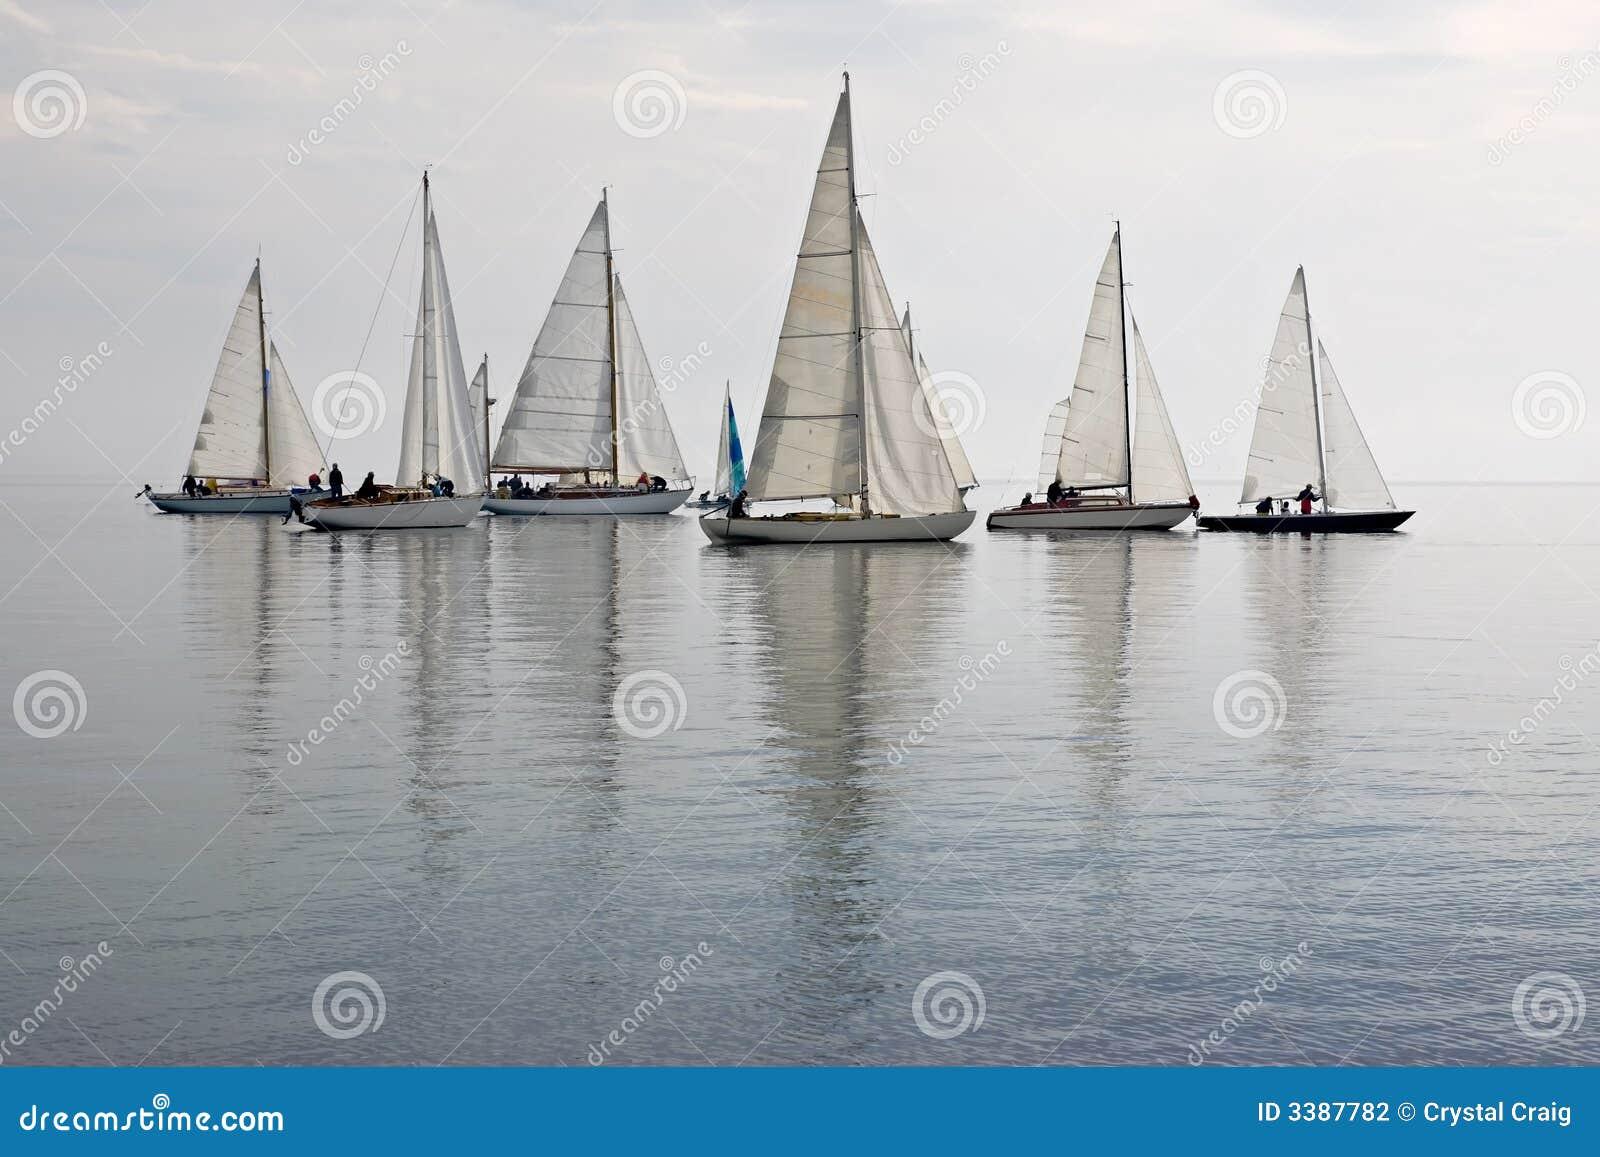 Segelboote im ruhigen Wasser